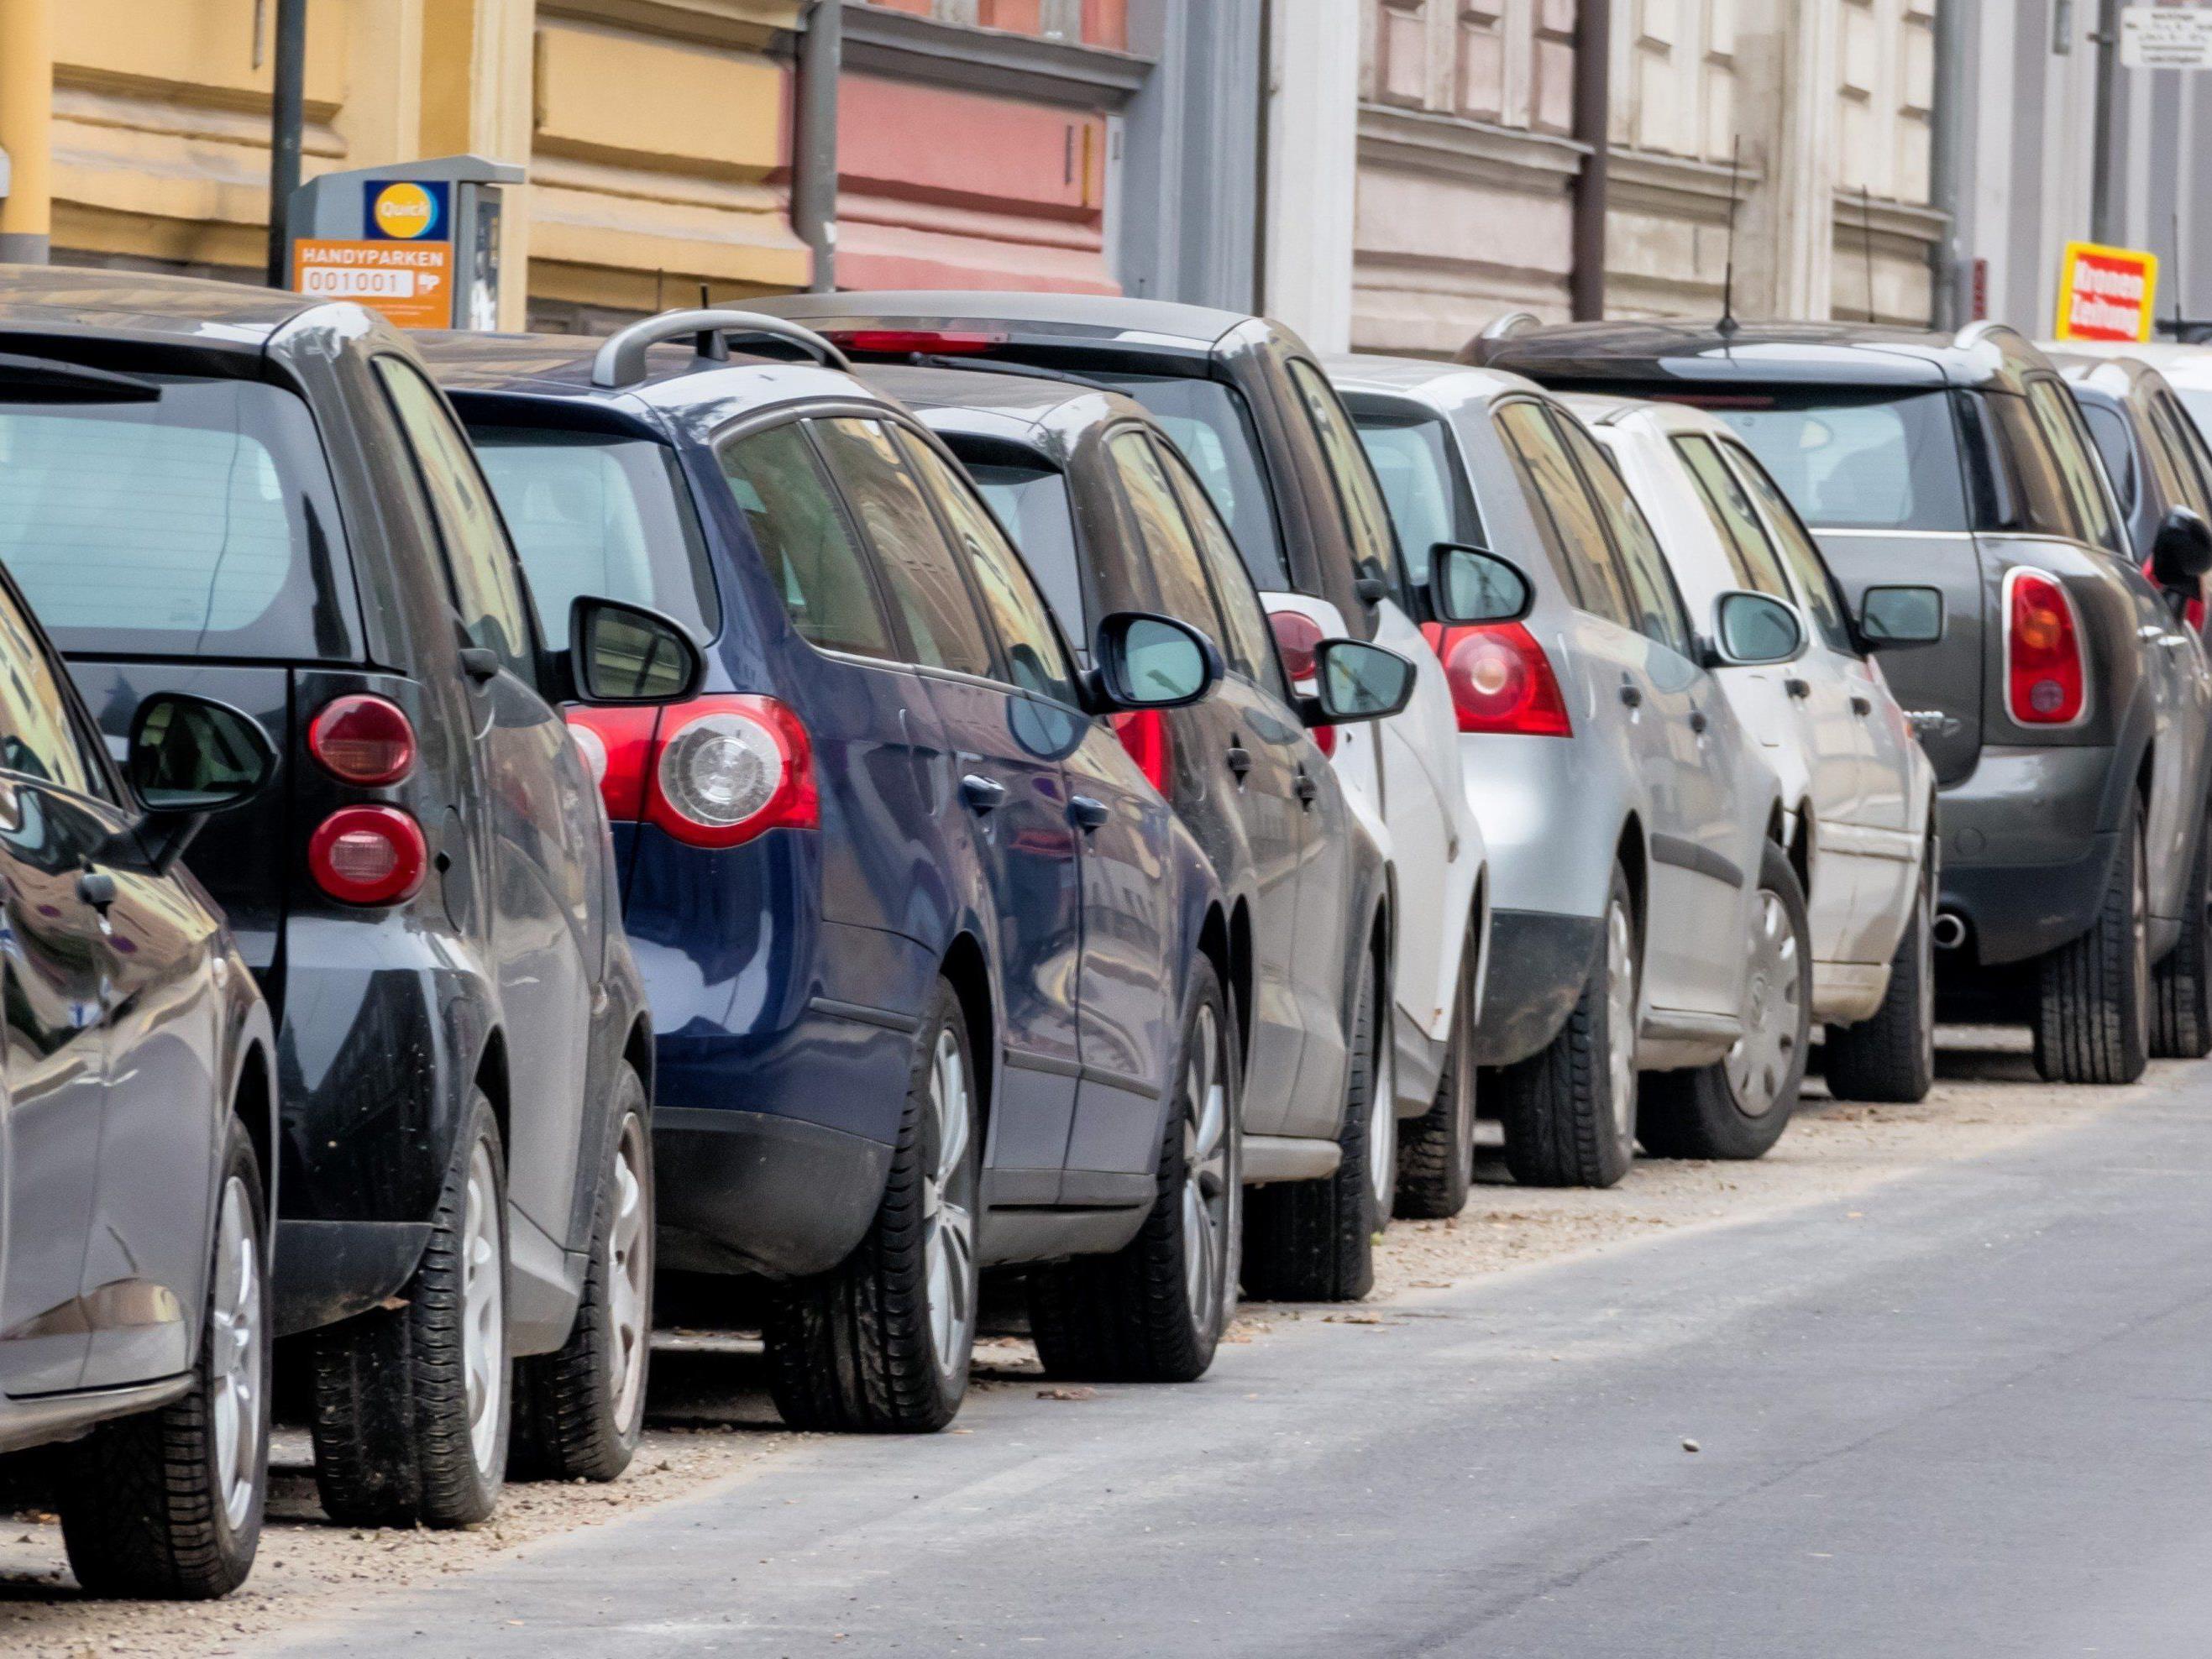 Beschädigungen im Zuge einer Demonstration: Wann haftet meine Auto-Versicherung?